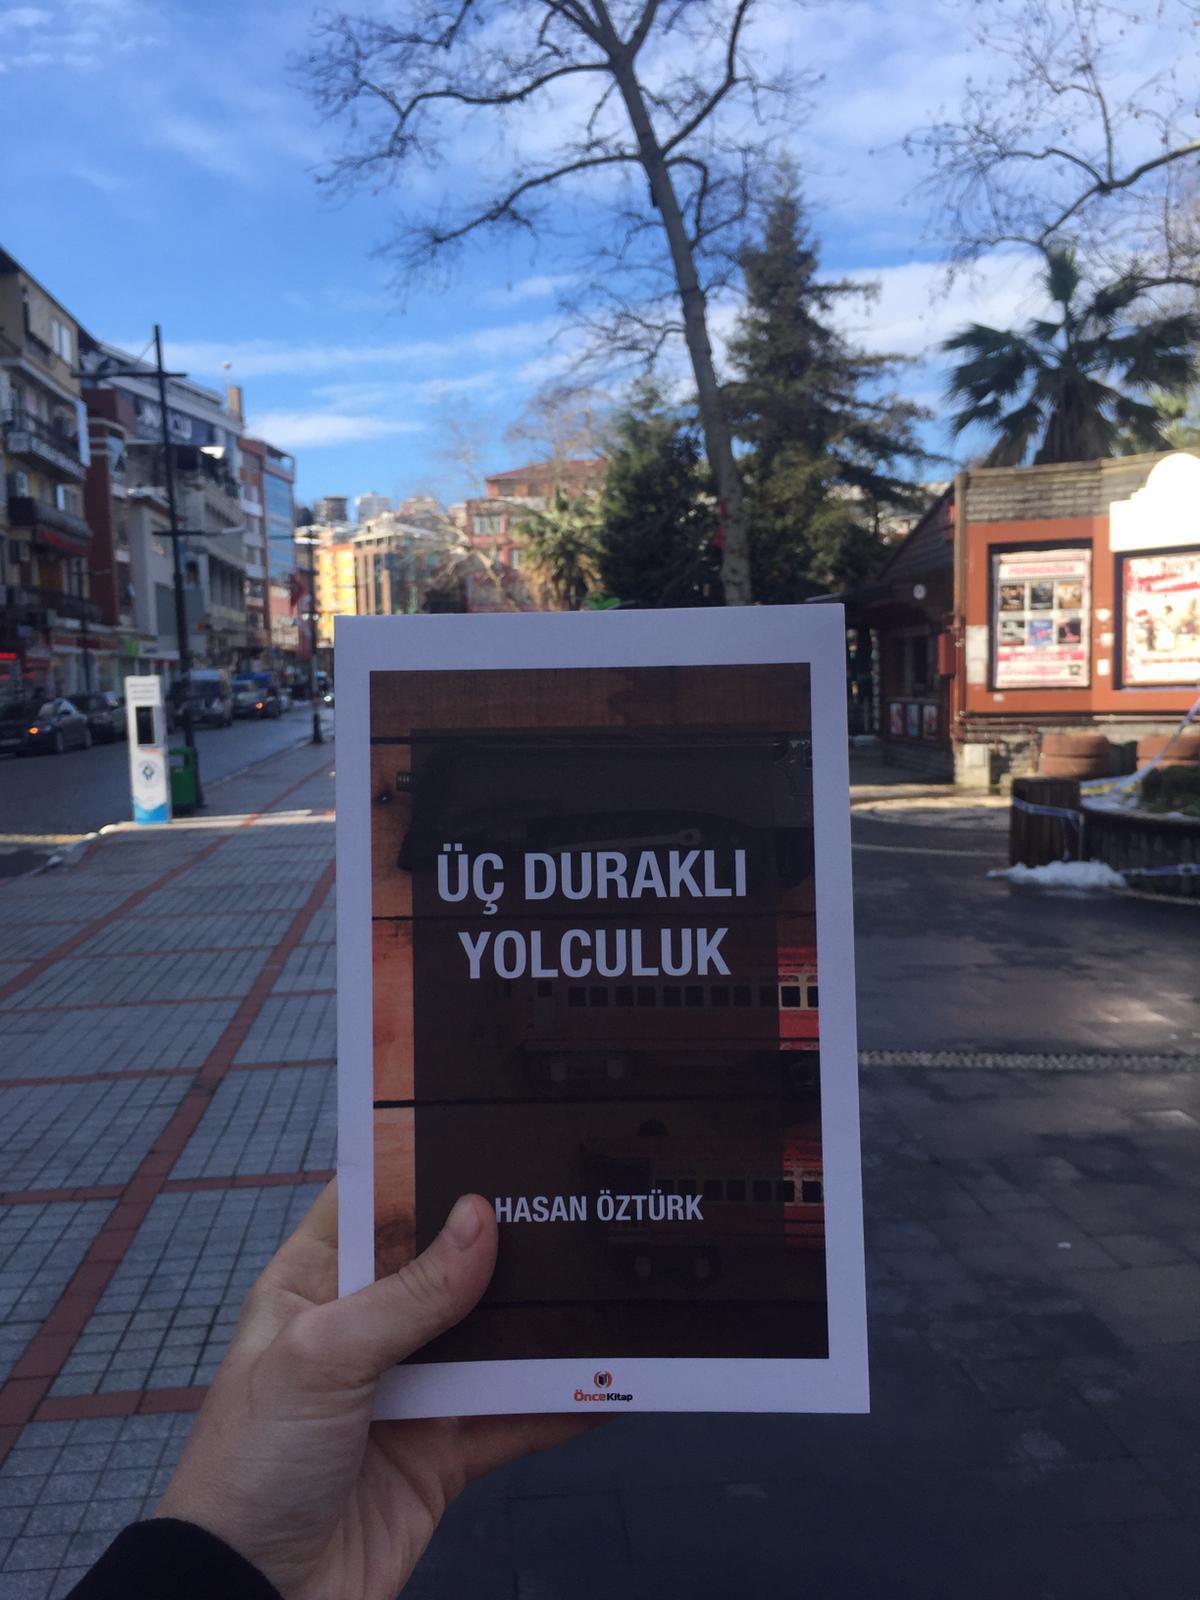 """Hasan Öztürk'ün Yeni Kitabı """"Üç Duraklı Yolculuk"""" Çıktı"""